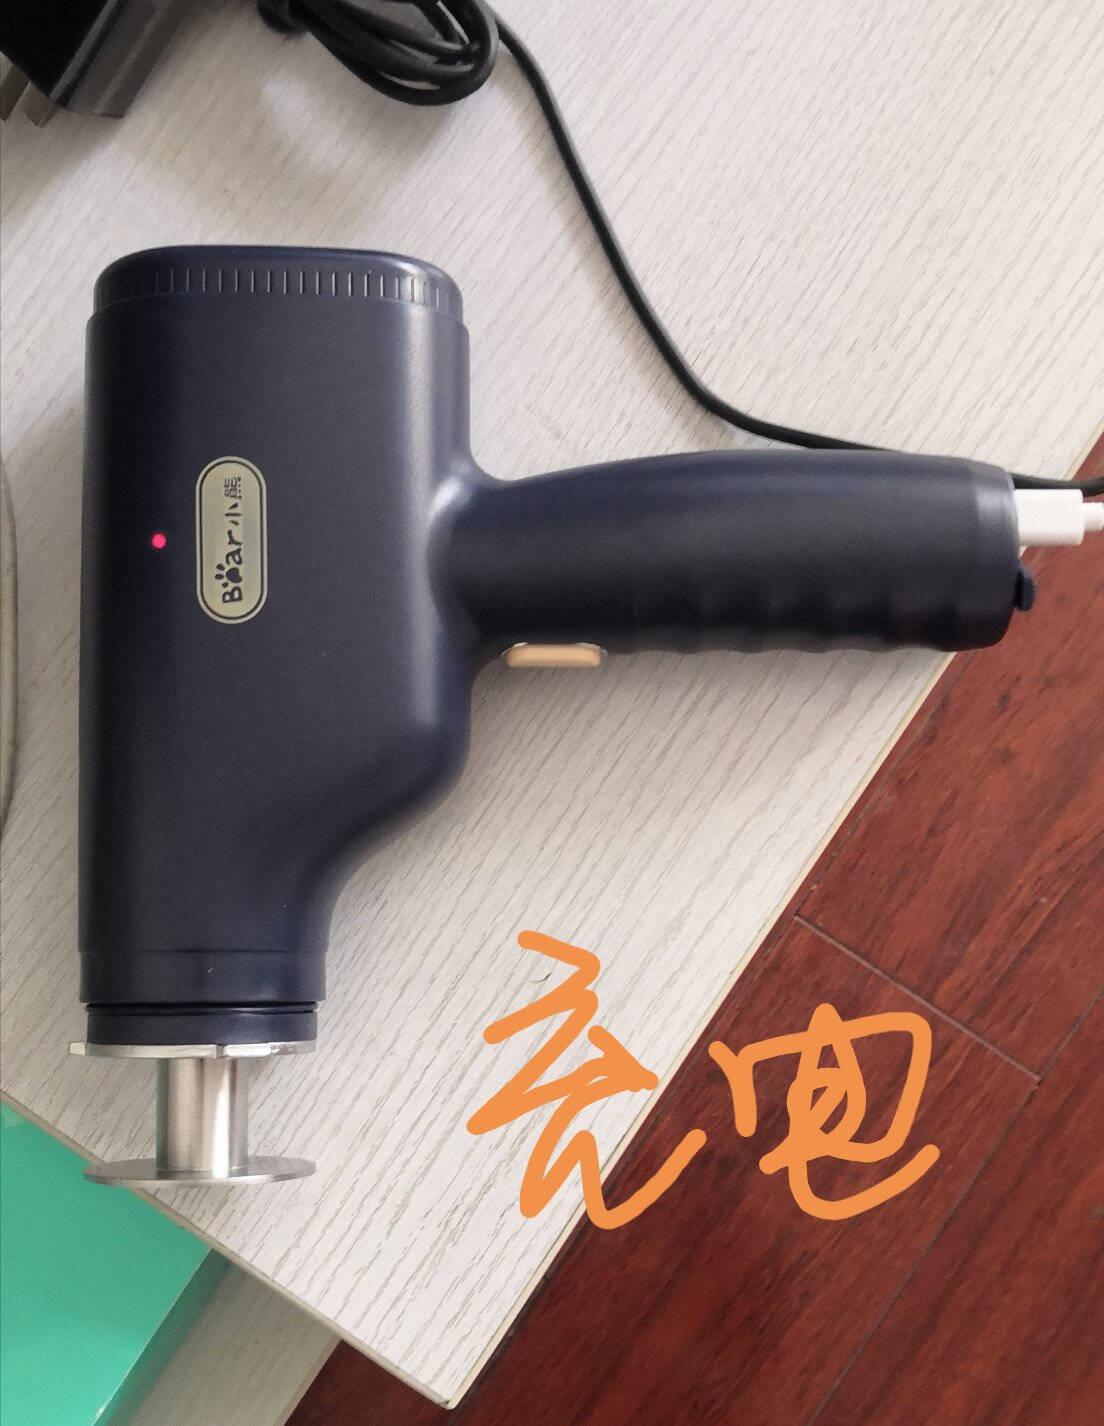 小熊(Bear)面条机家用面条机小型电动自动不锈钢压面条机YMJ-A01R1